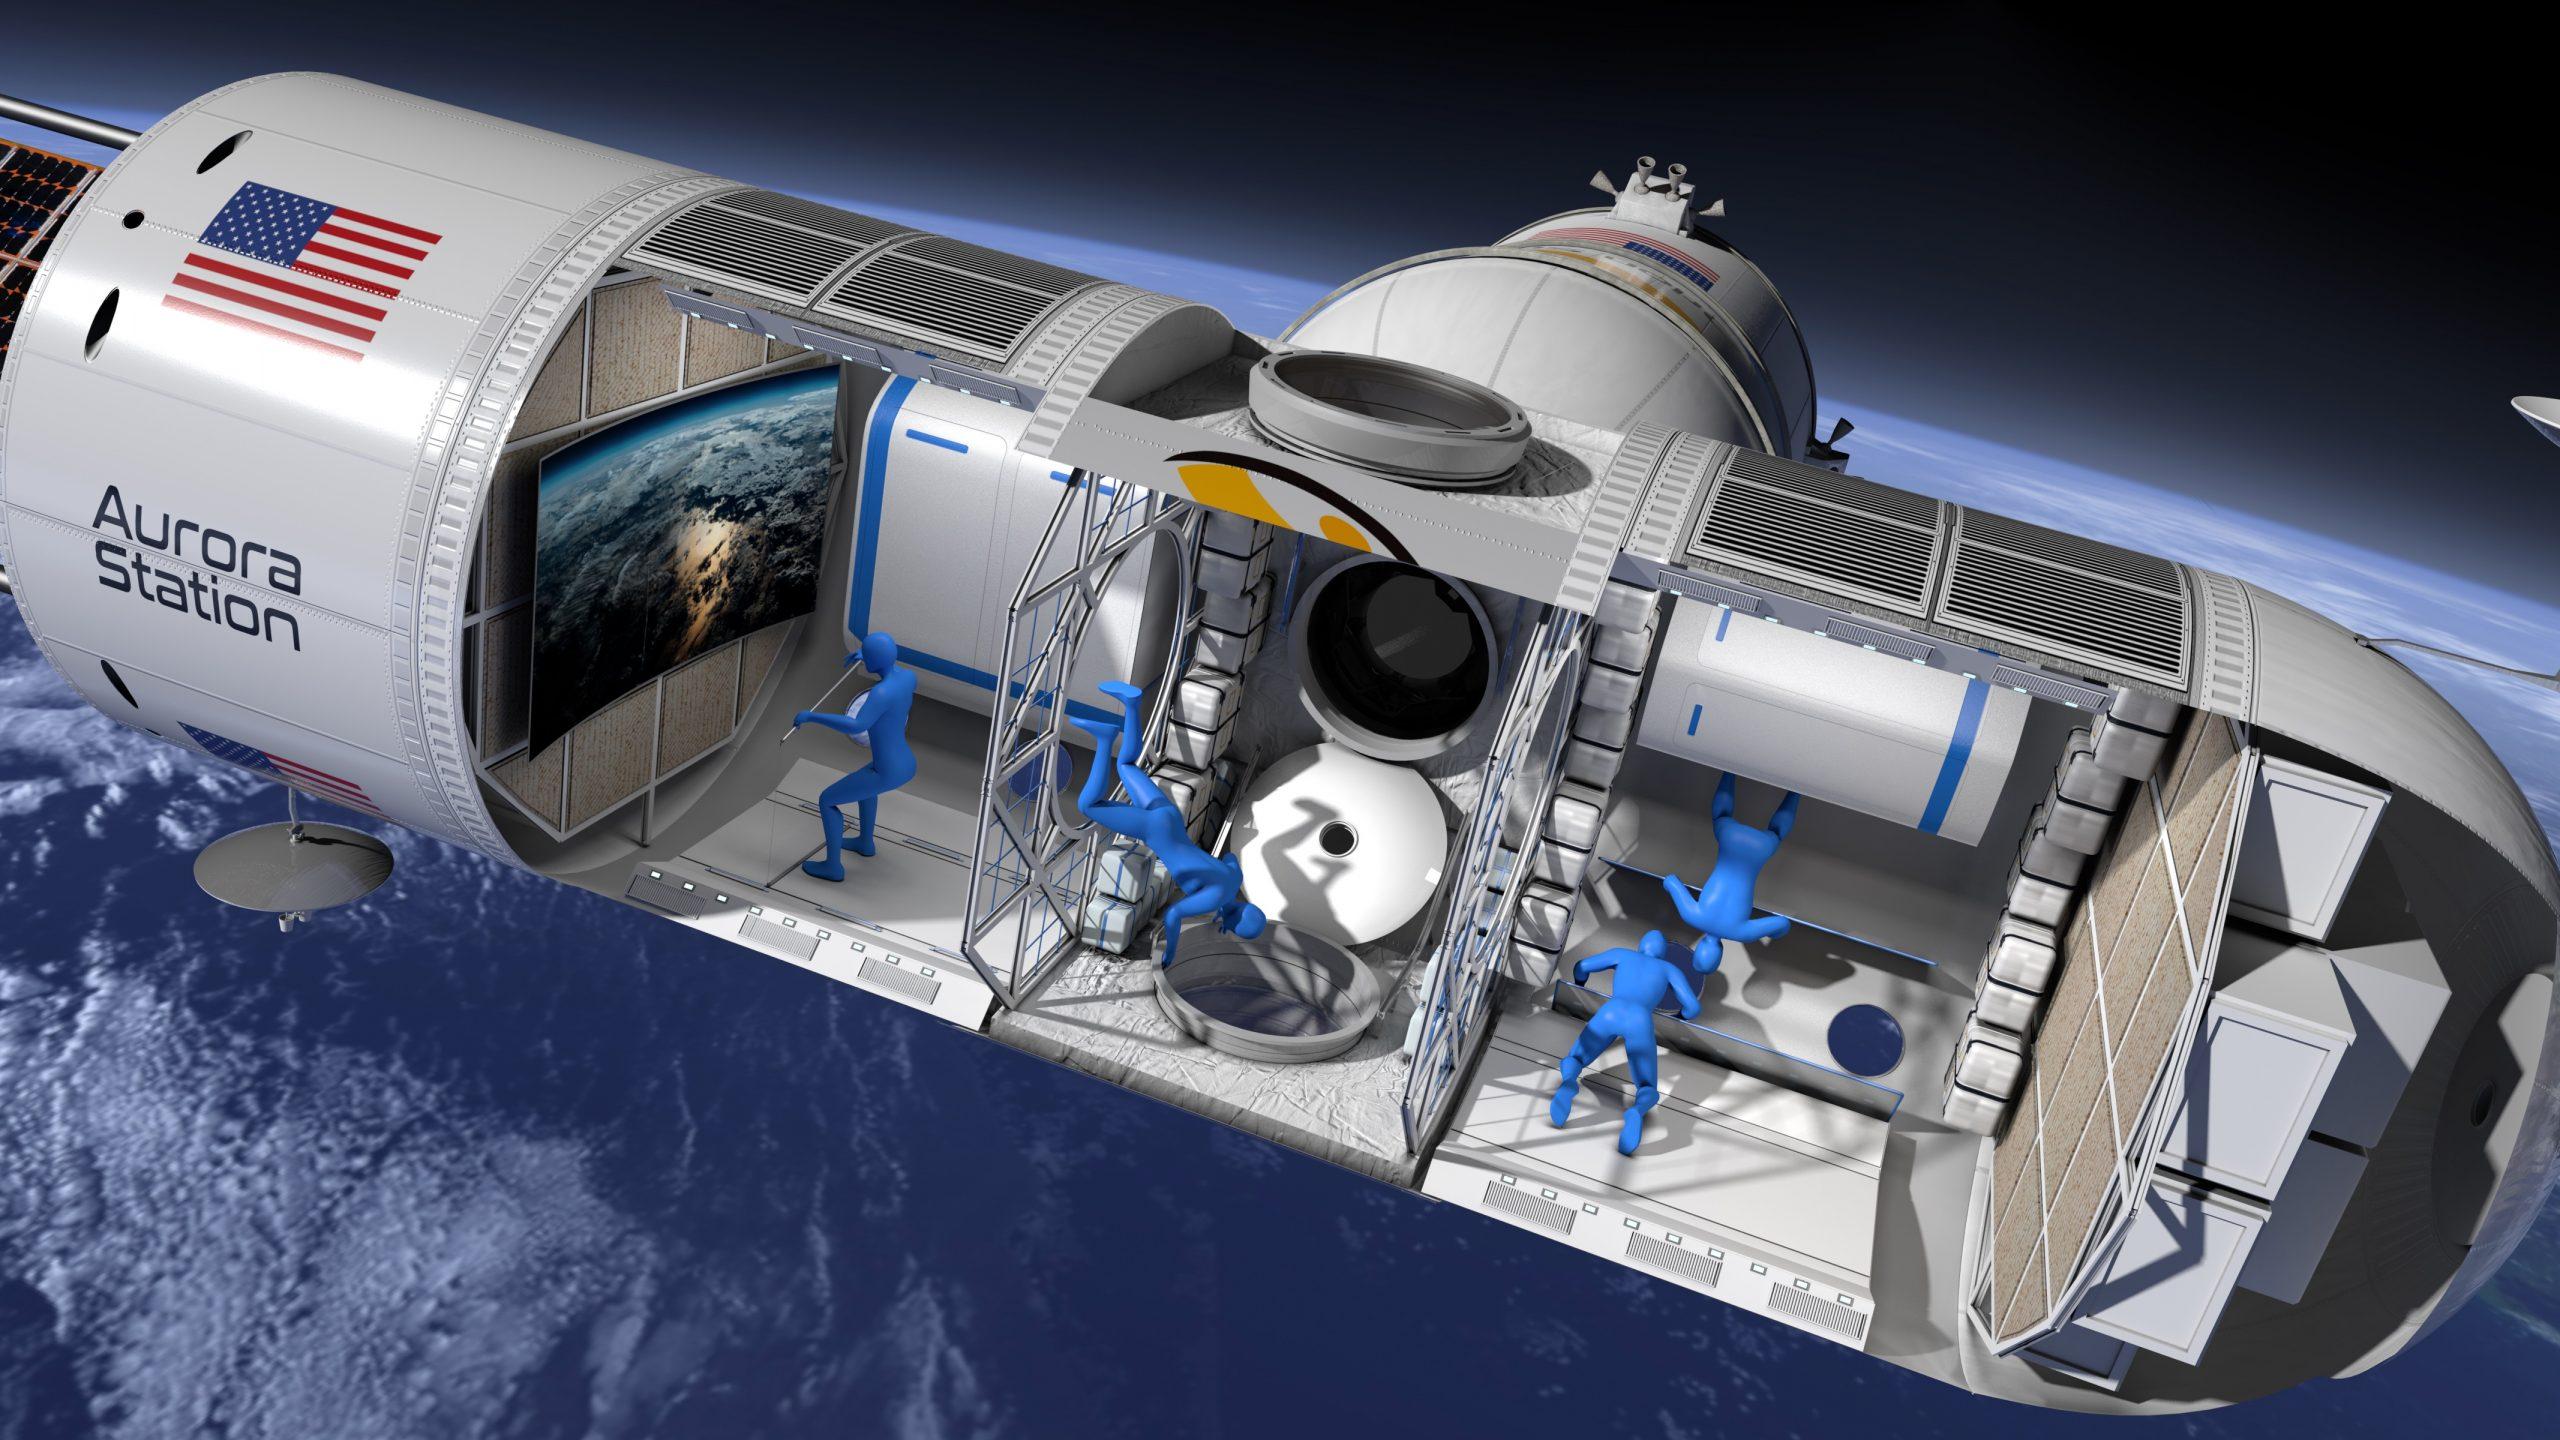 Διεθνής διαστημικός σταθμός: Καλλιεργούνται πιπεριές τσίλι στον Διεθνή Διαστημικό Σταθμό